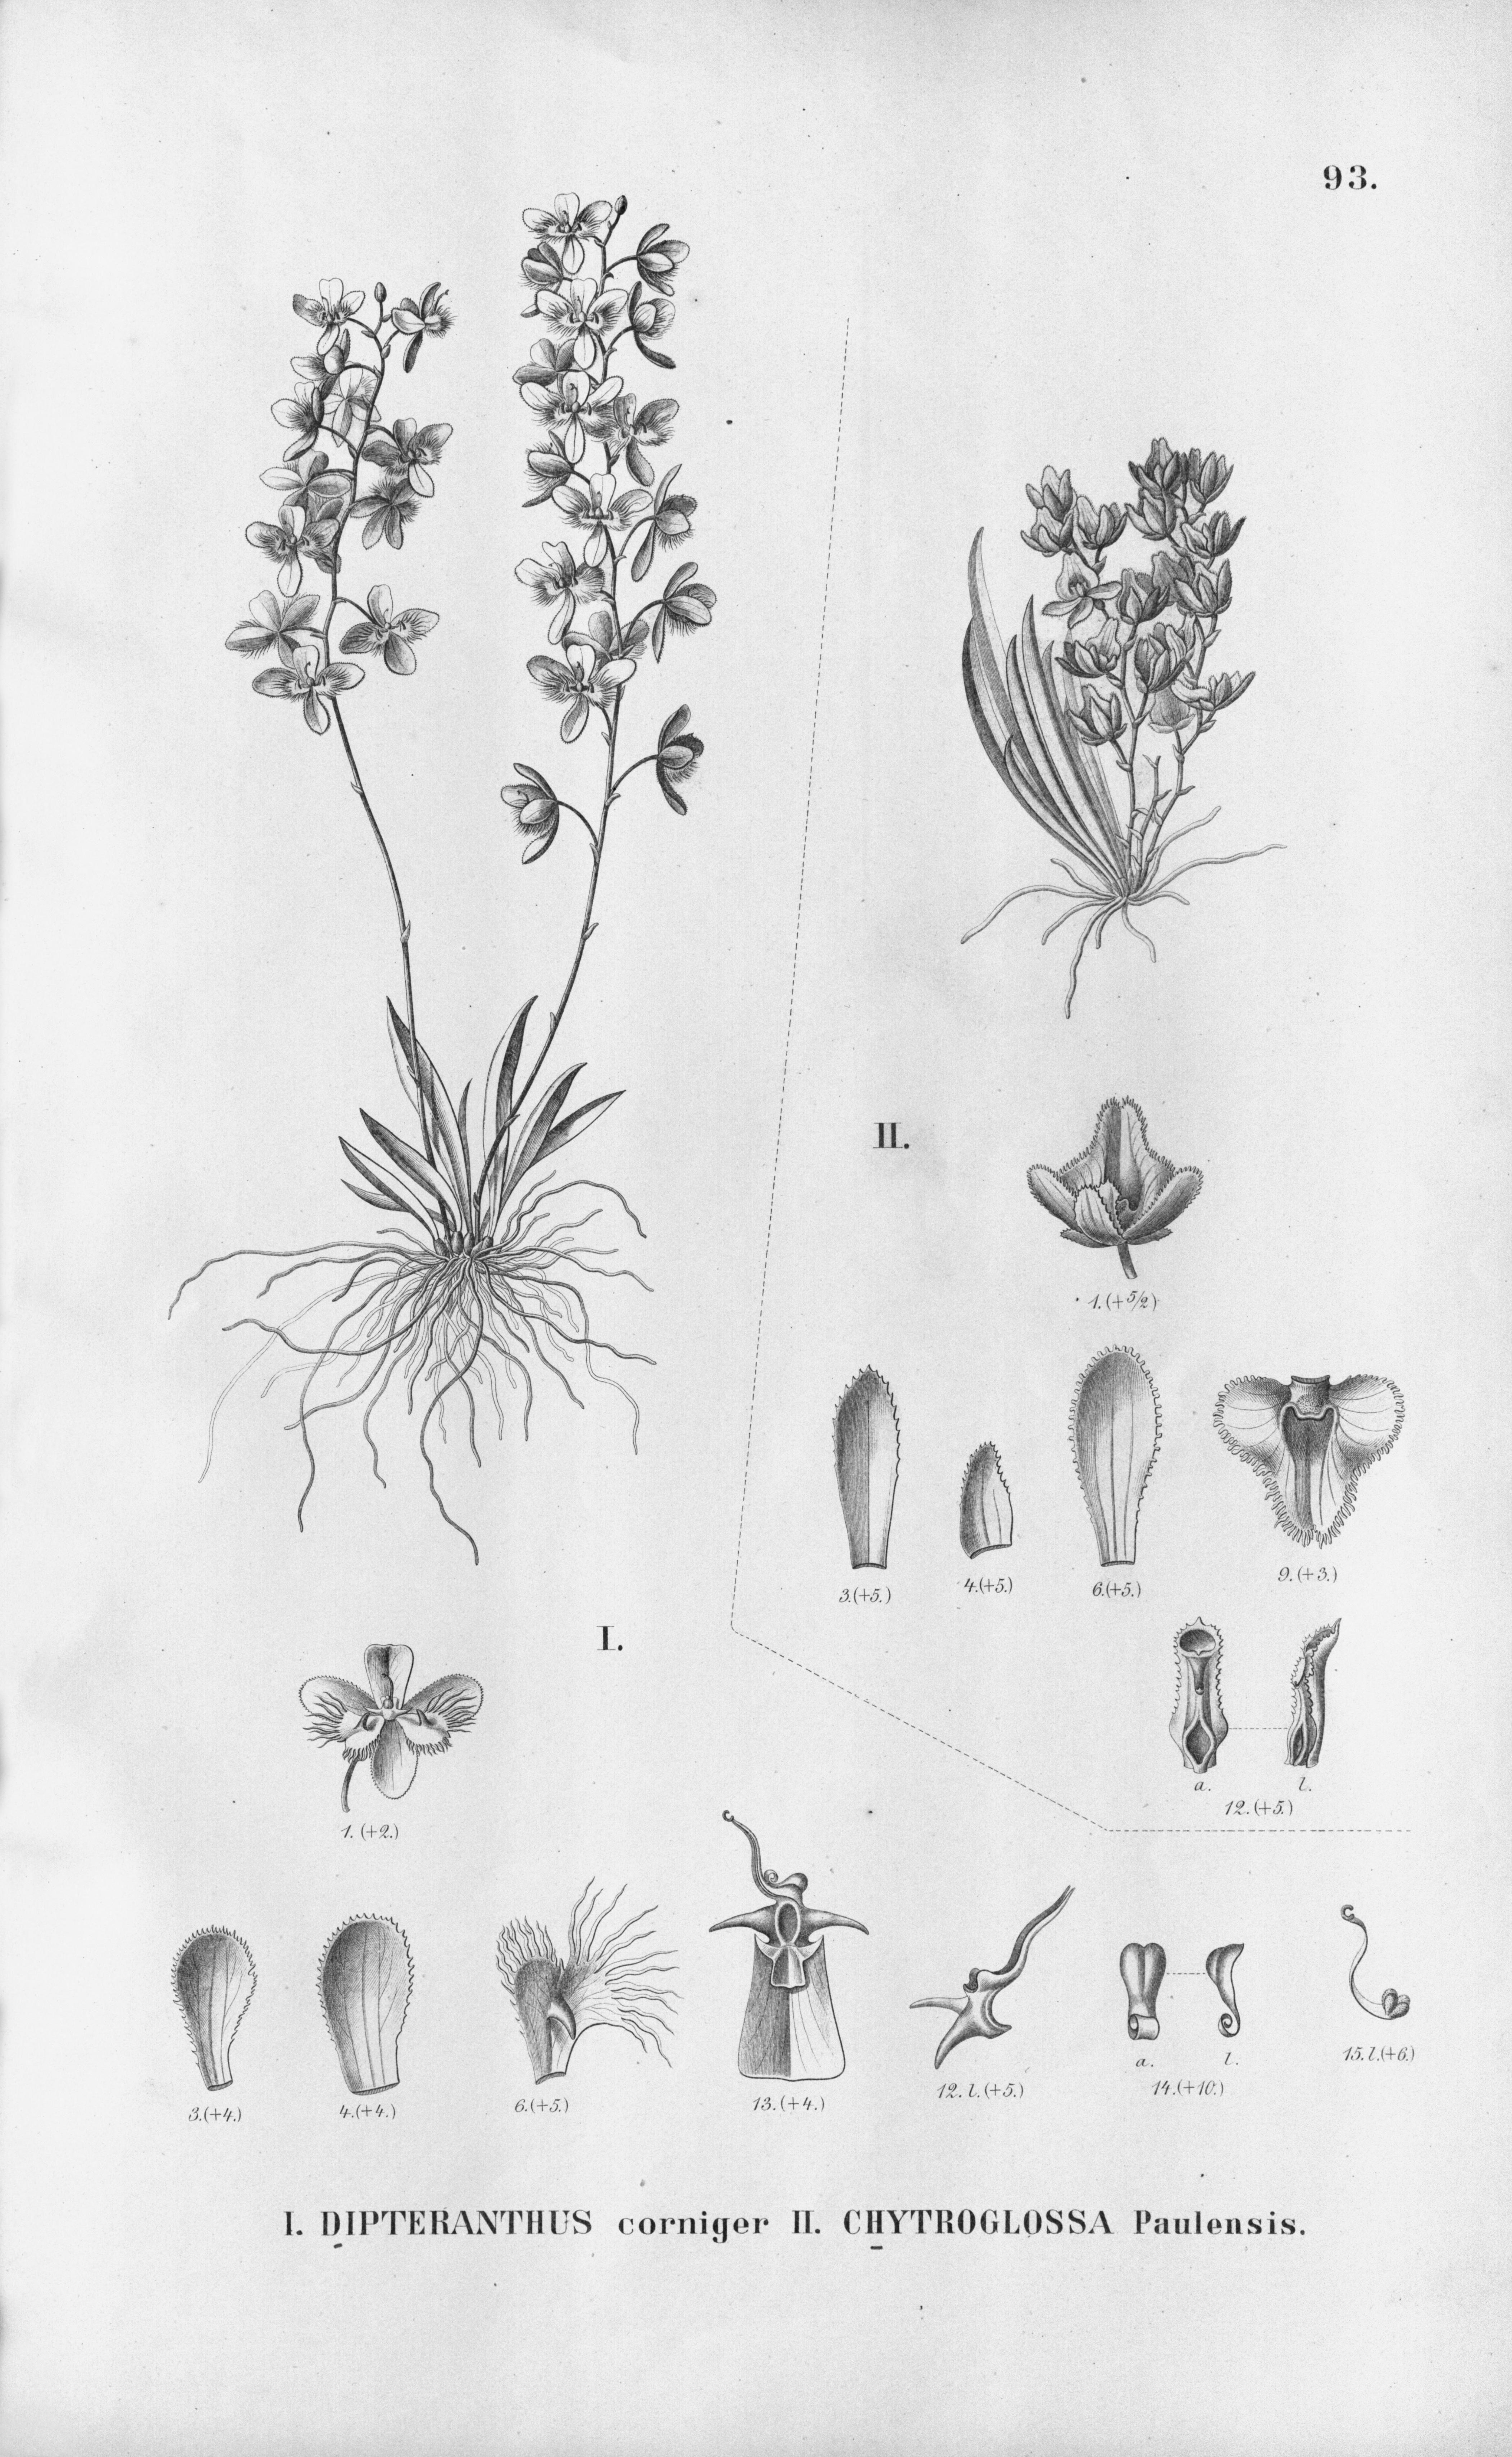 Image of Zygostates